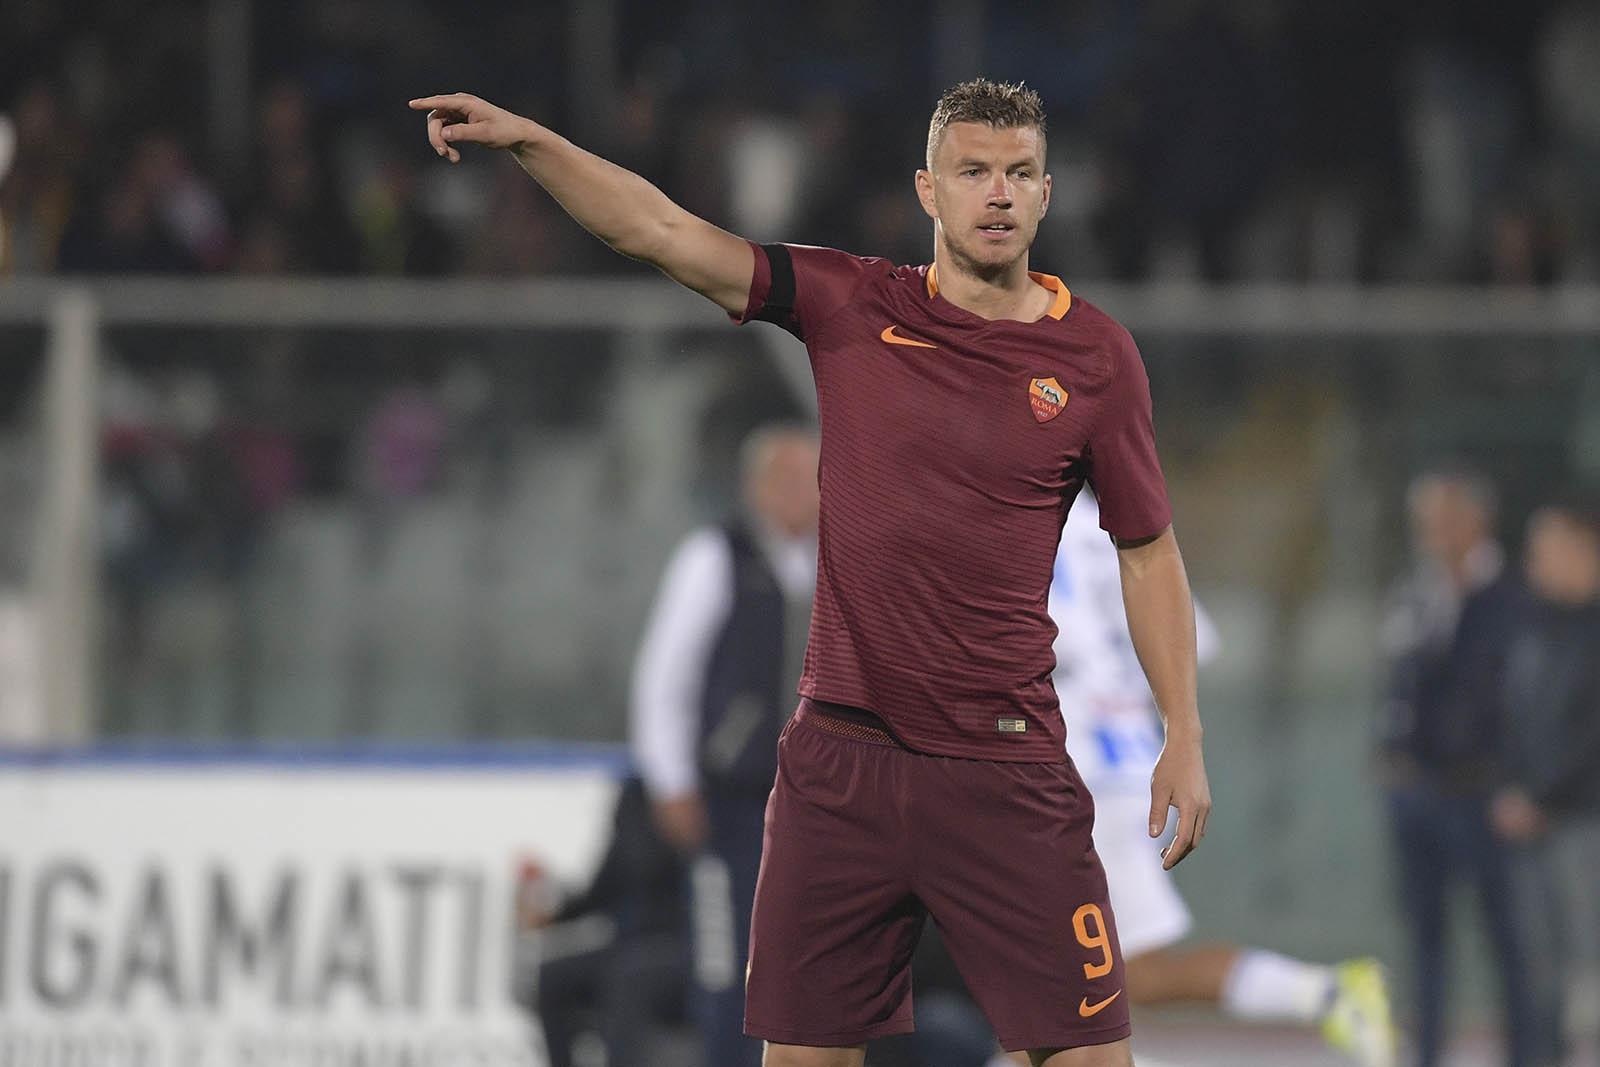 Calcio, Serie A, 33esima giornata: a Pescara la Roma vince 4-1